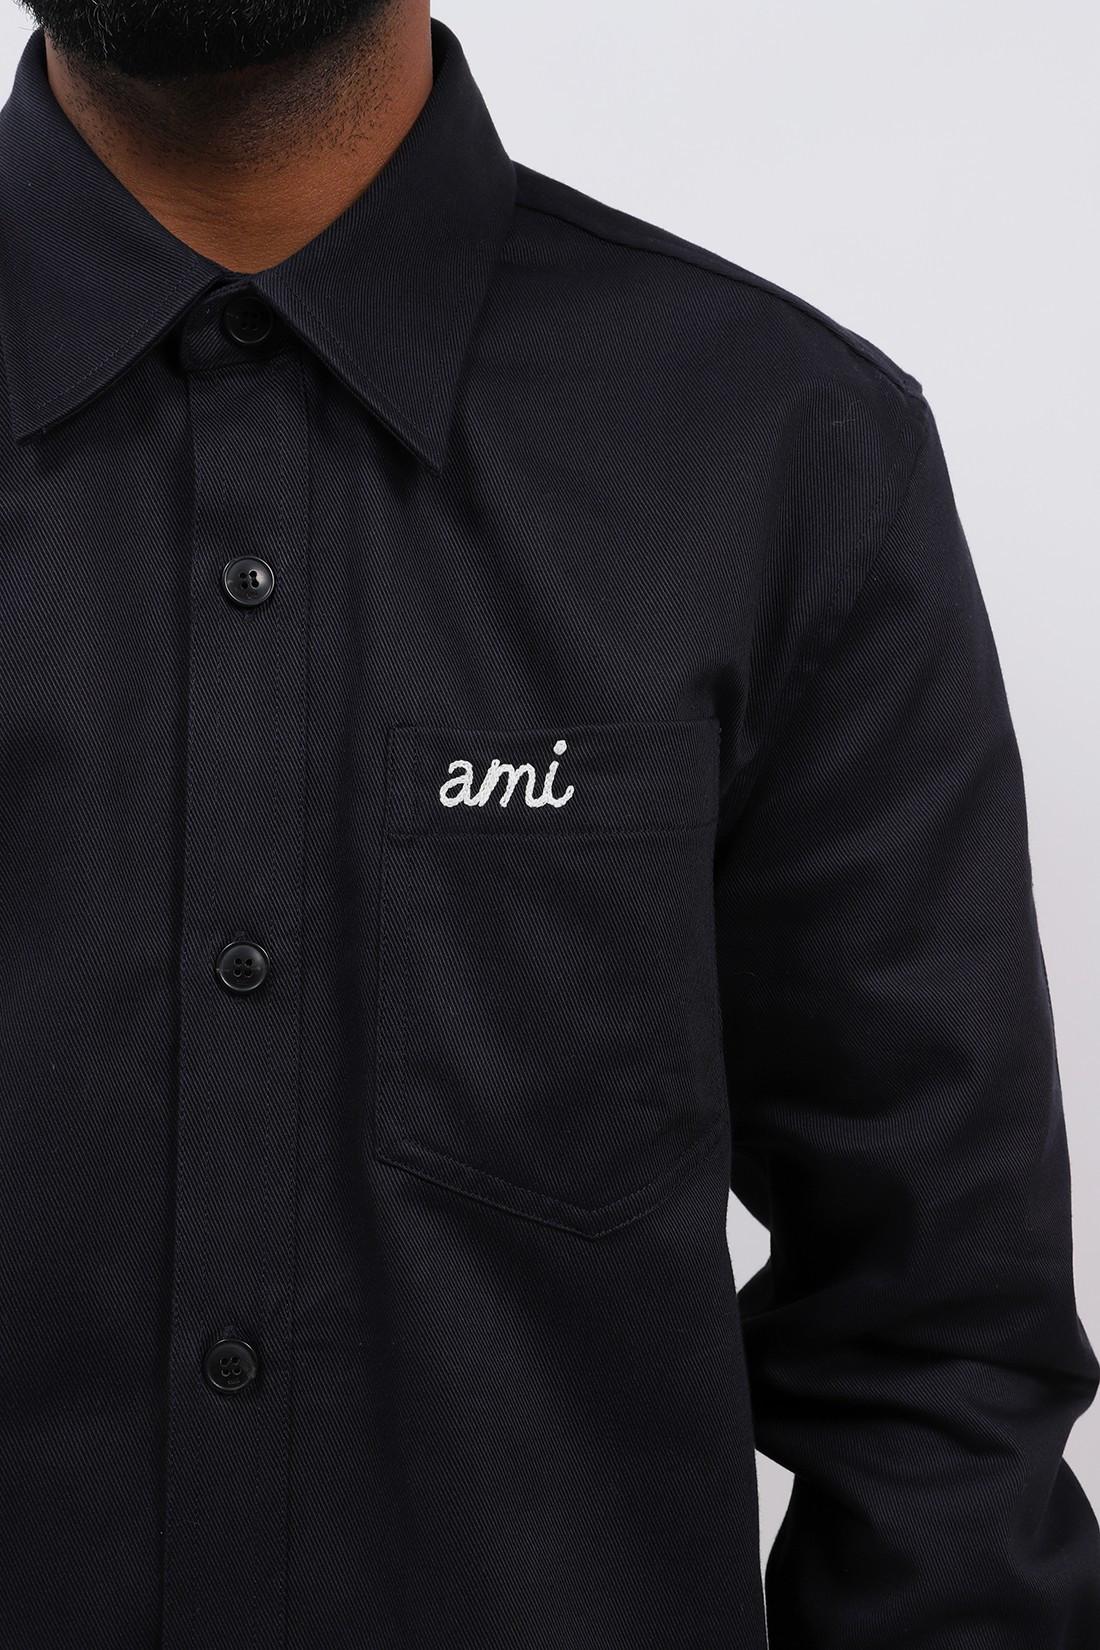 AMI / Surchemise boutonnee Marine